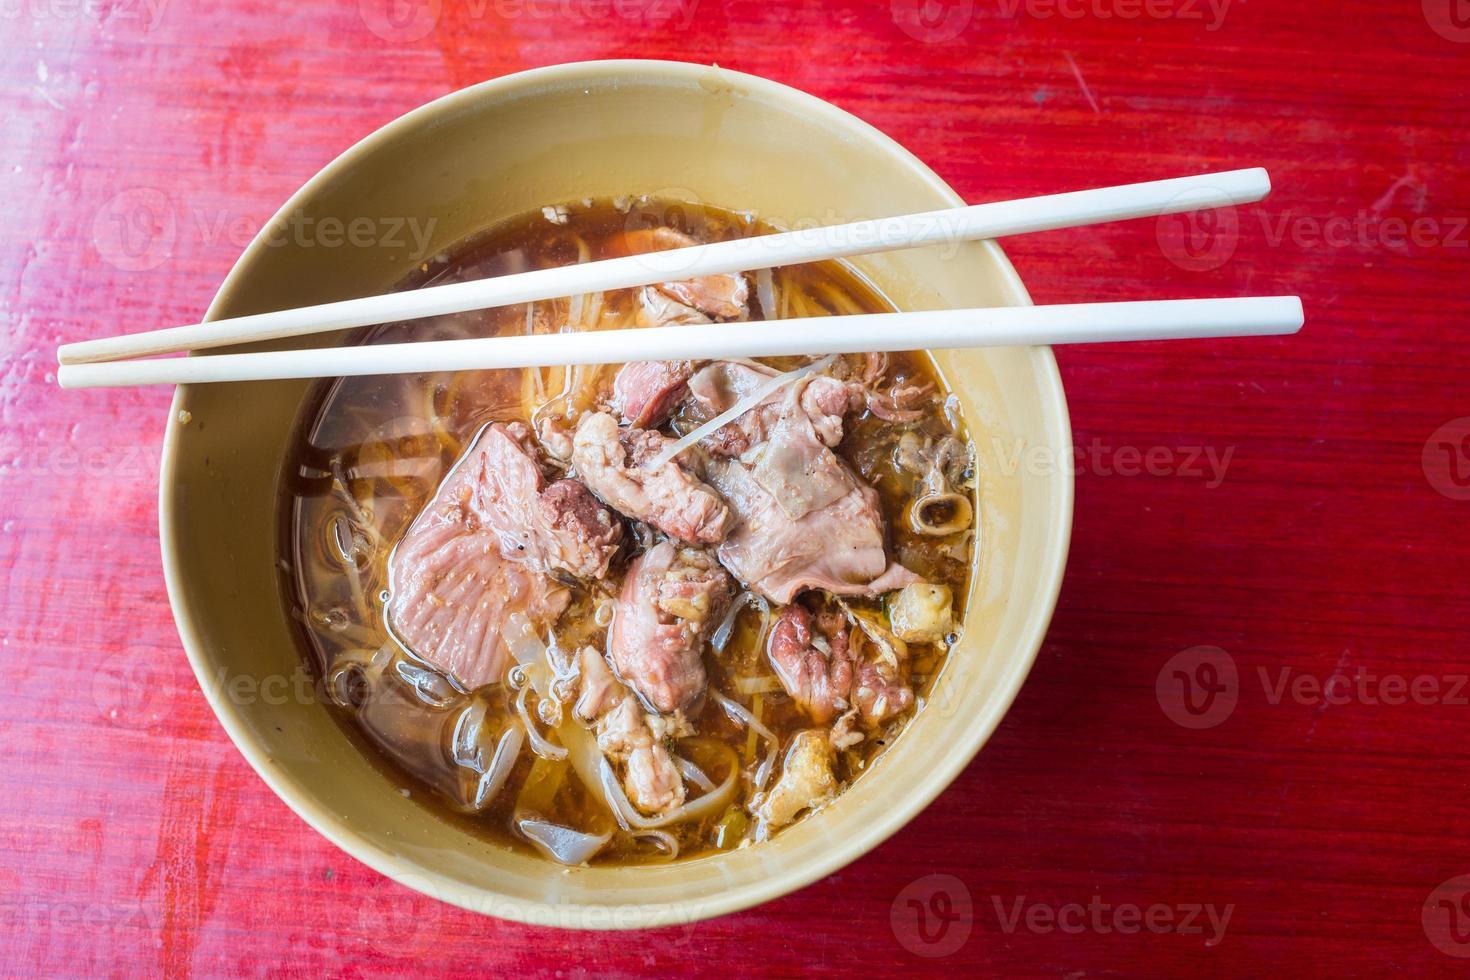 nouilles asiatiques au ragoût de porc dans le bol photo